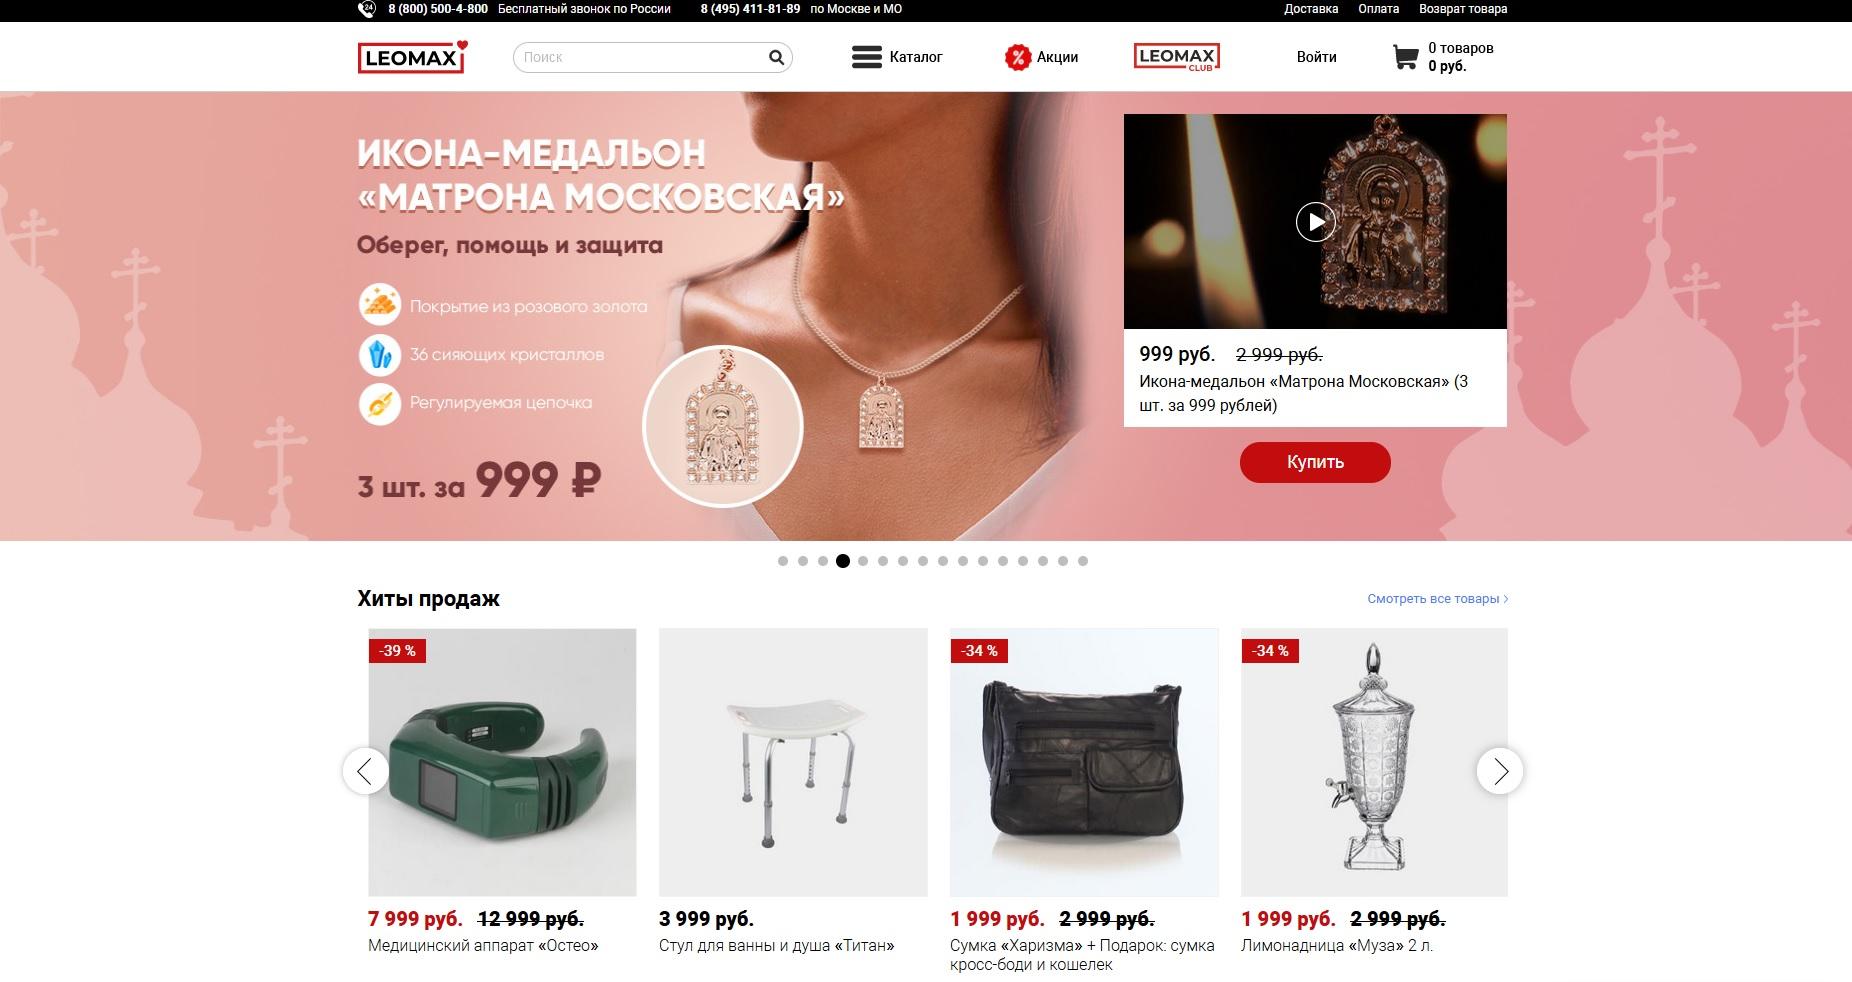 Leomax Интернет Магазин Каталог Цены 2021 Года